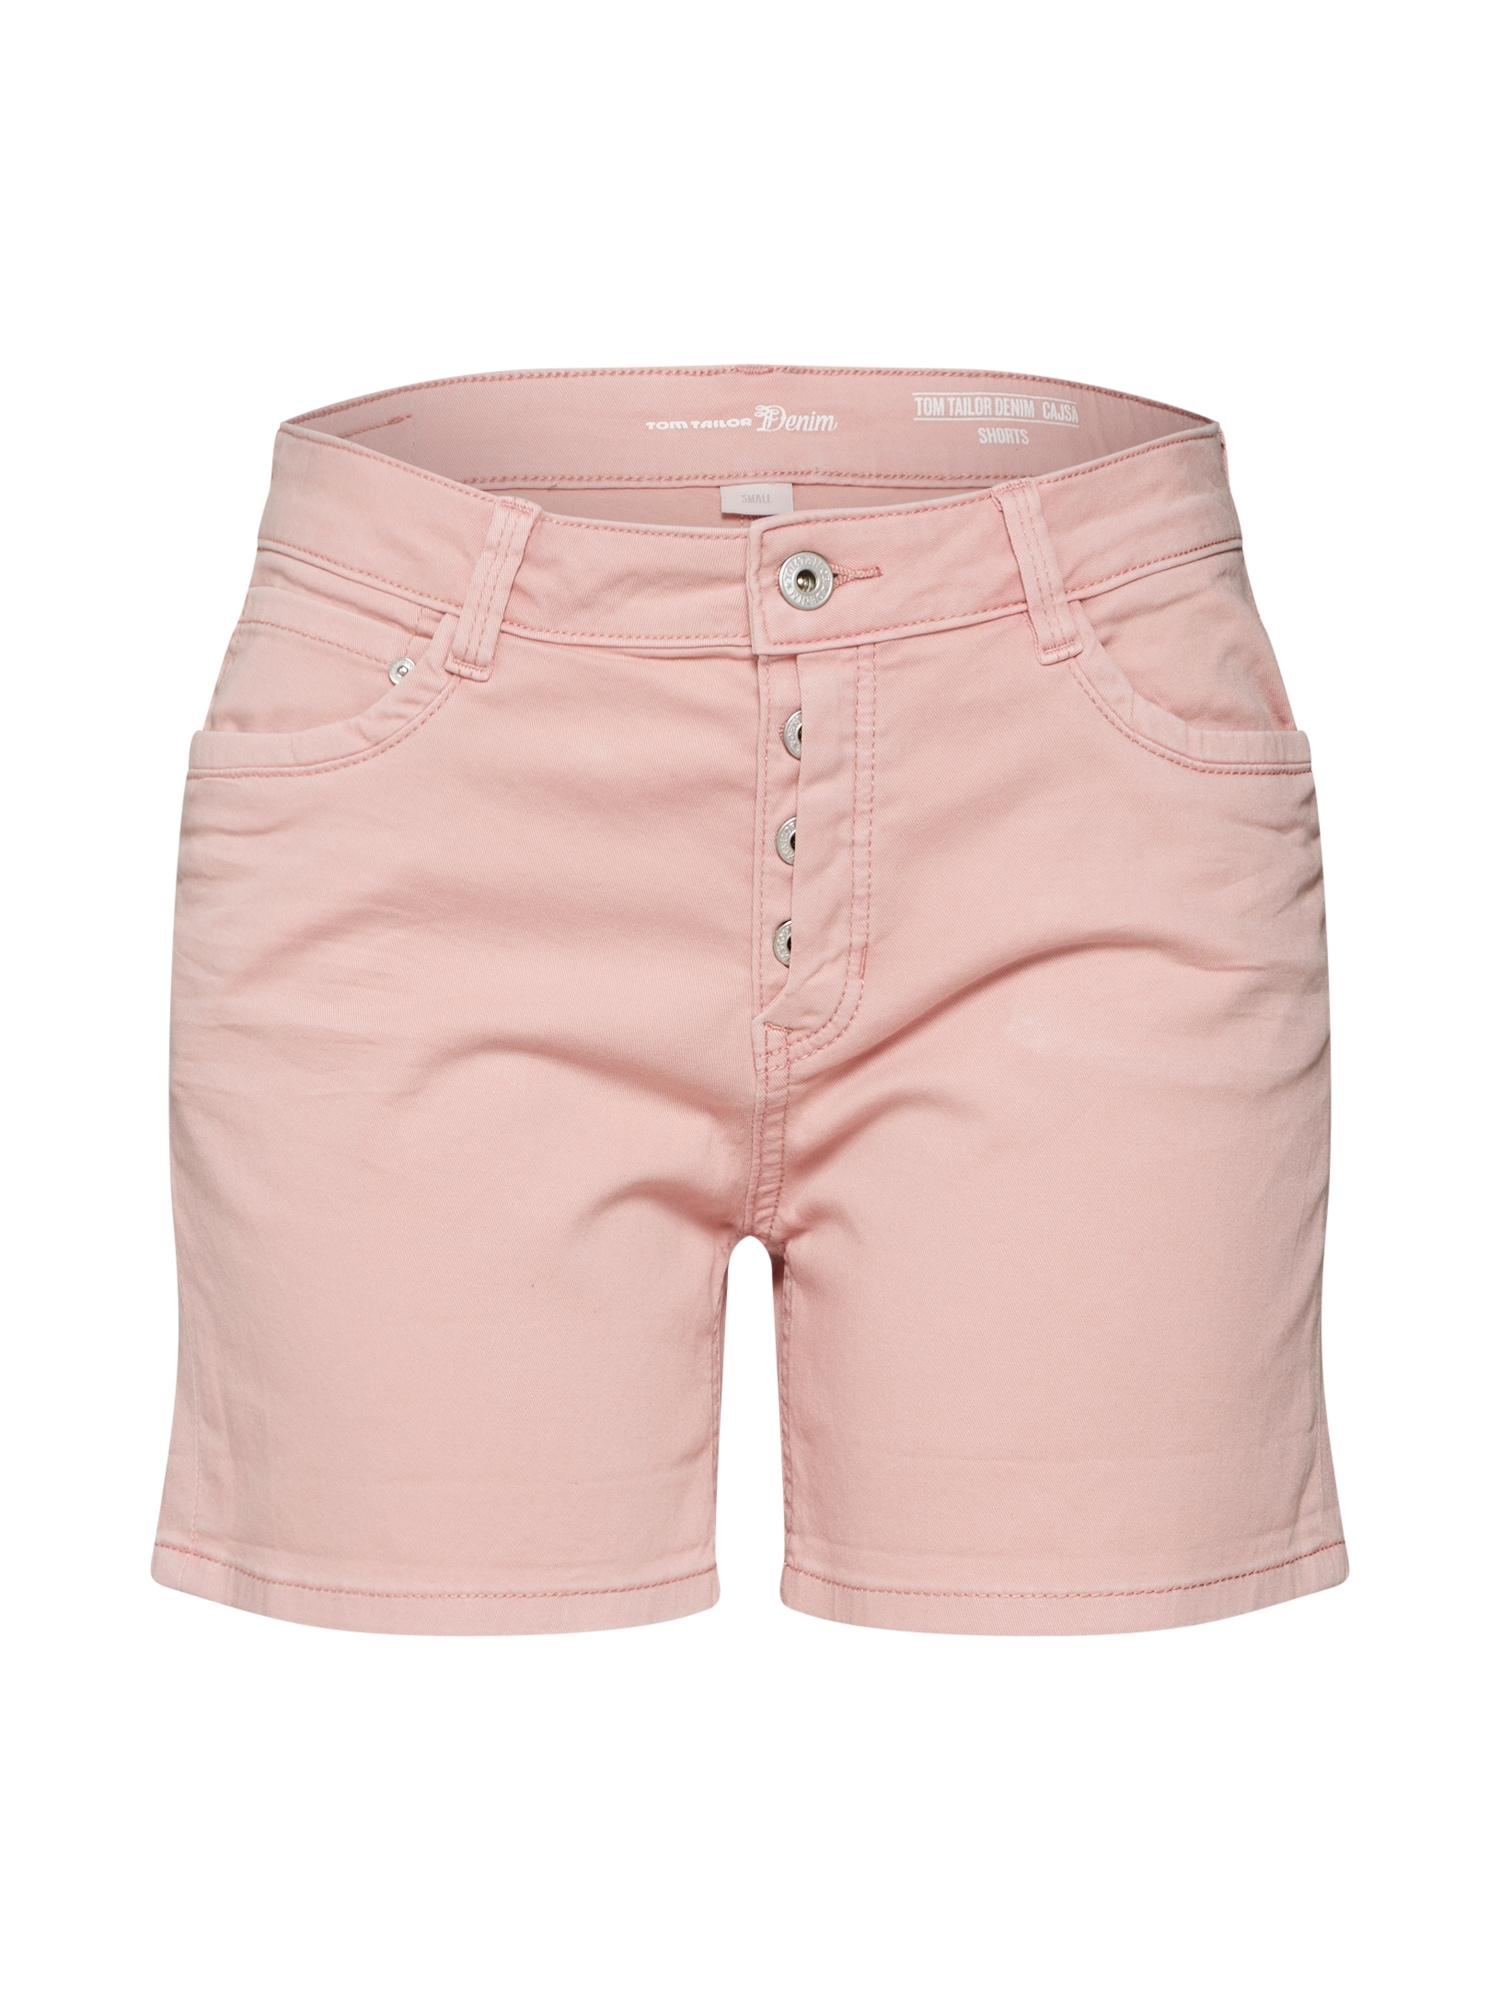 Džíny Cajsa pink světle růžová TOM TAILOR DENIM